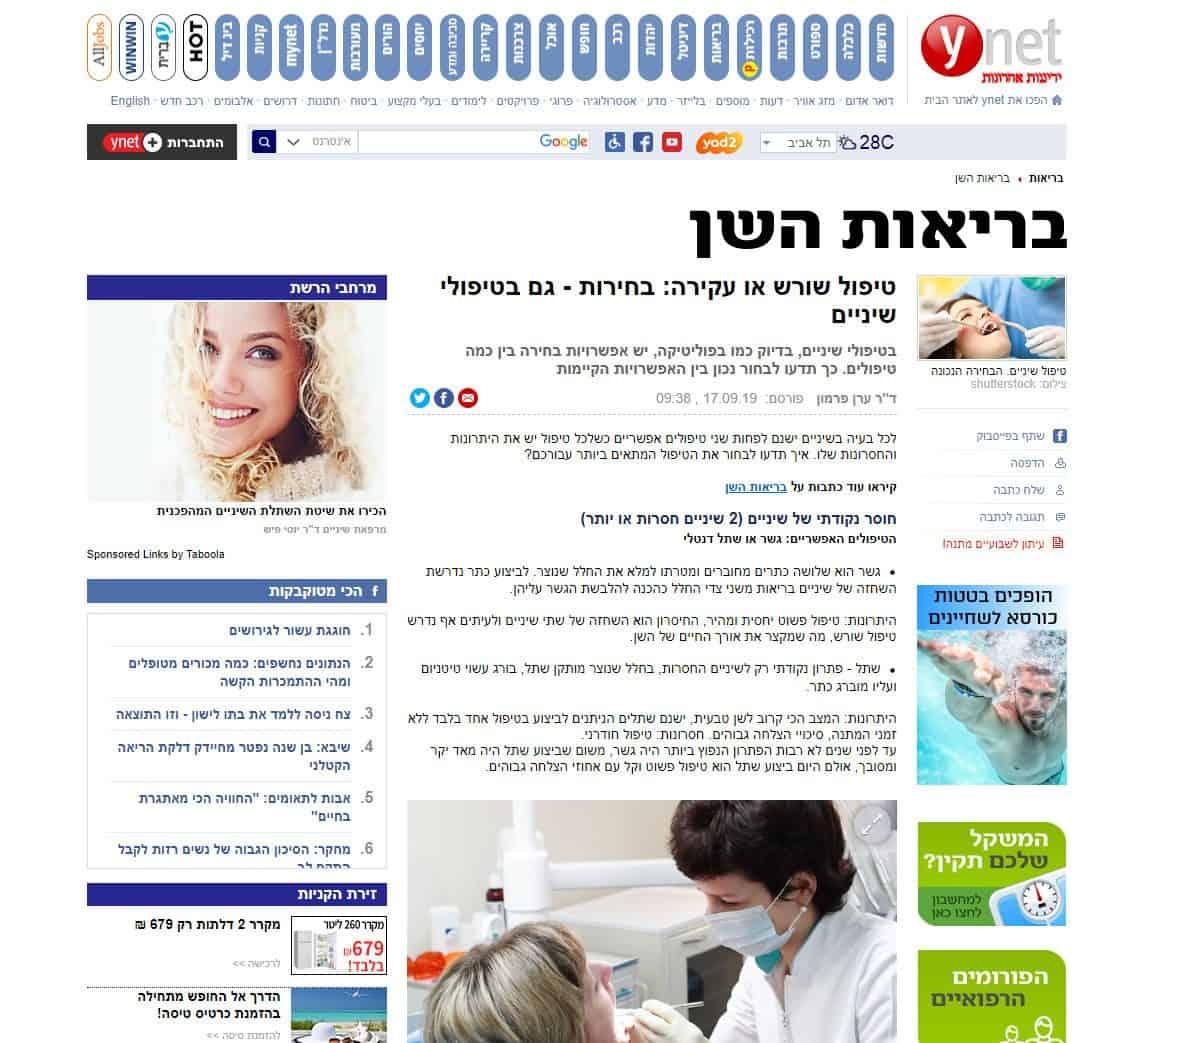 טיפול שורש או עקירה: בחירות – גם בטיפולי שיניים